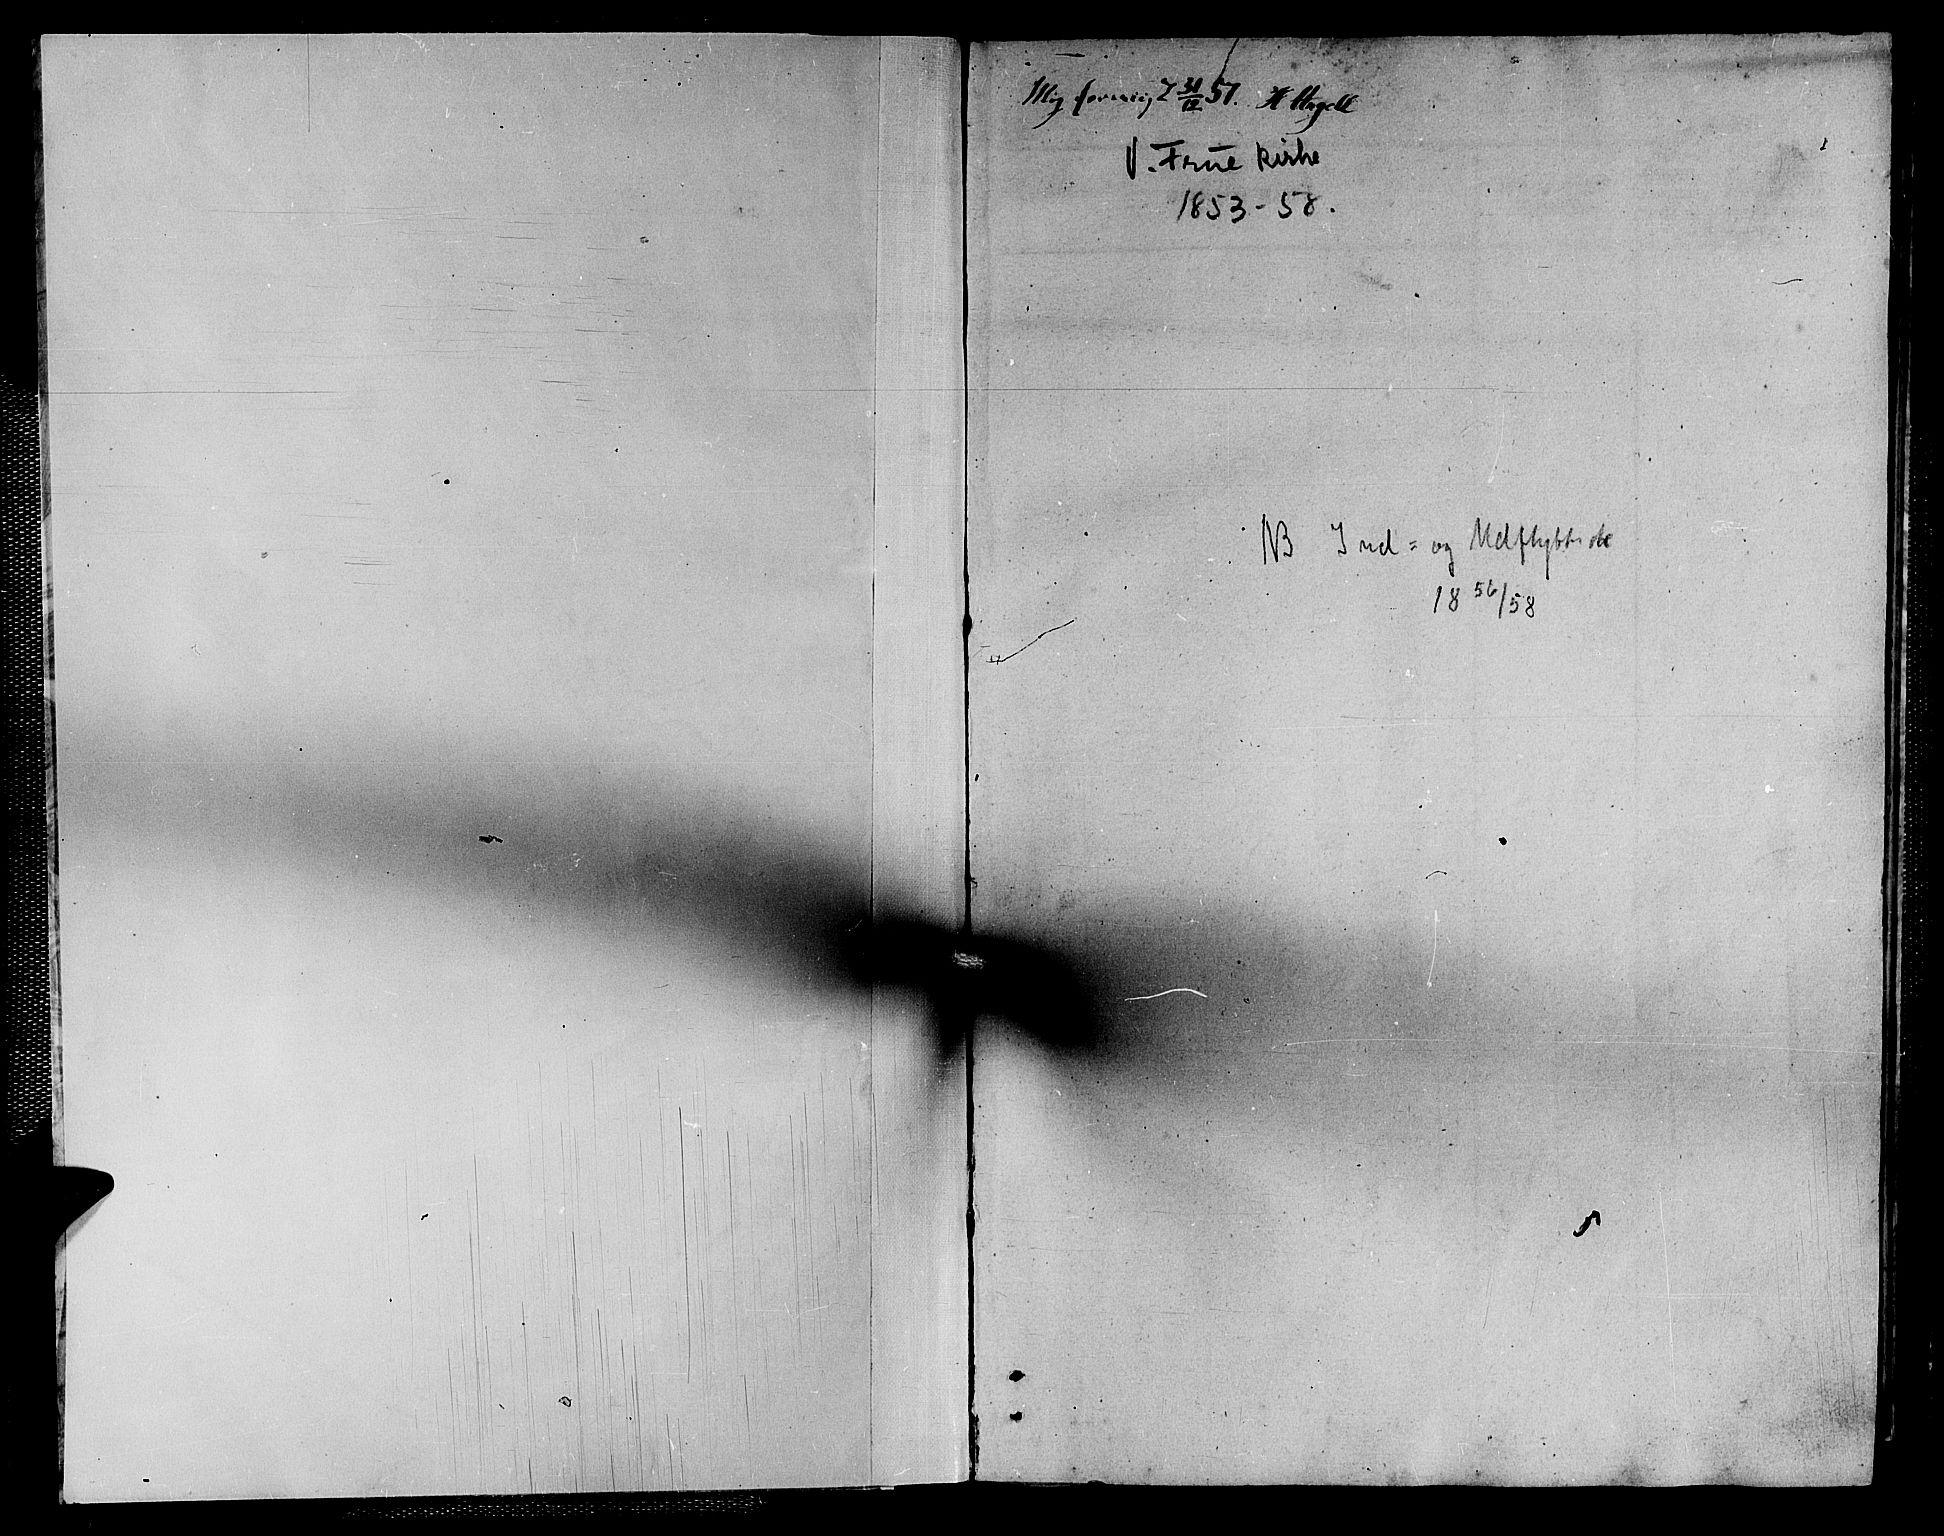 SAT, Ministerialprotokoller, klokkerbøker og fødselsregistre - Sør-Trøndelag, 602/L0138: Klokkerbok nr. 602C06, 1853-1858